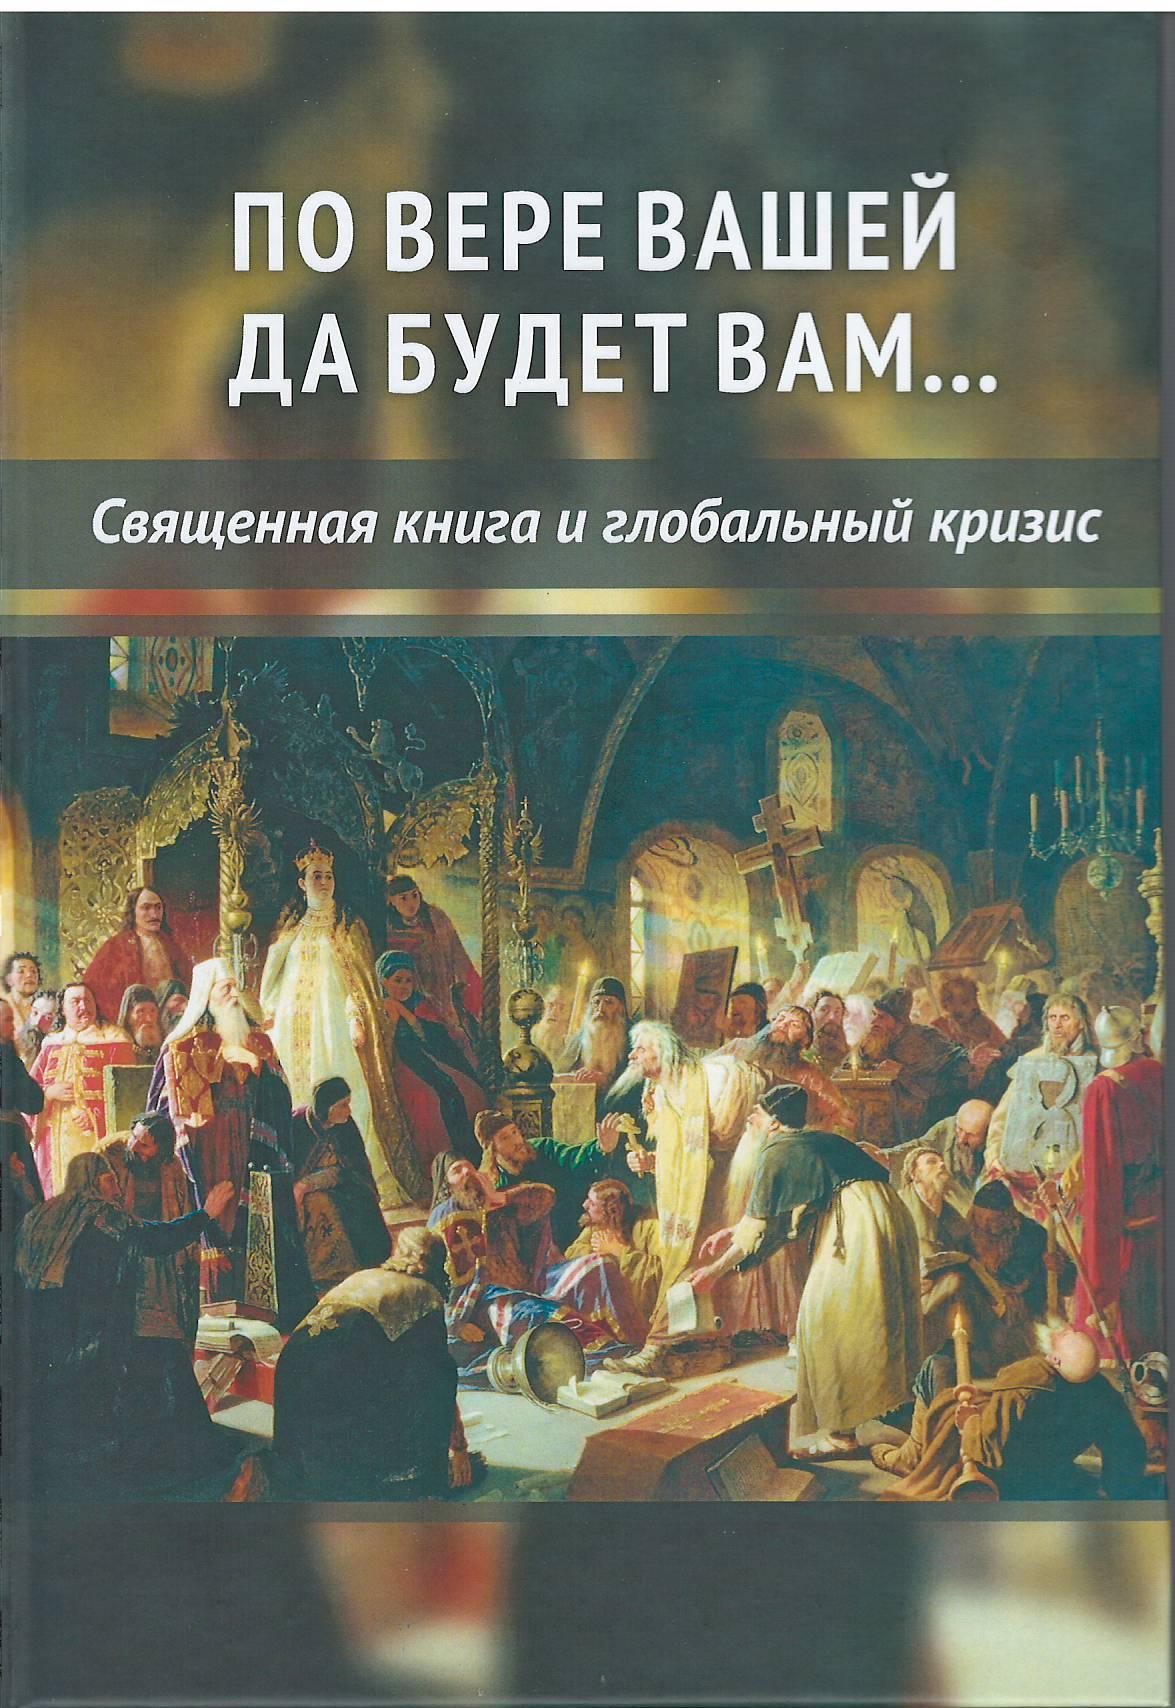 По вере вашей да будет вам...Священная книга и глобальный кризис